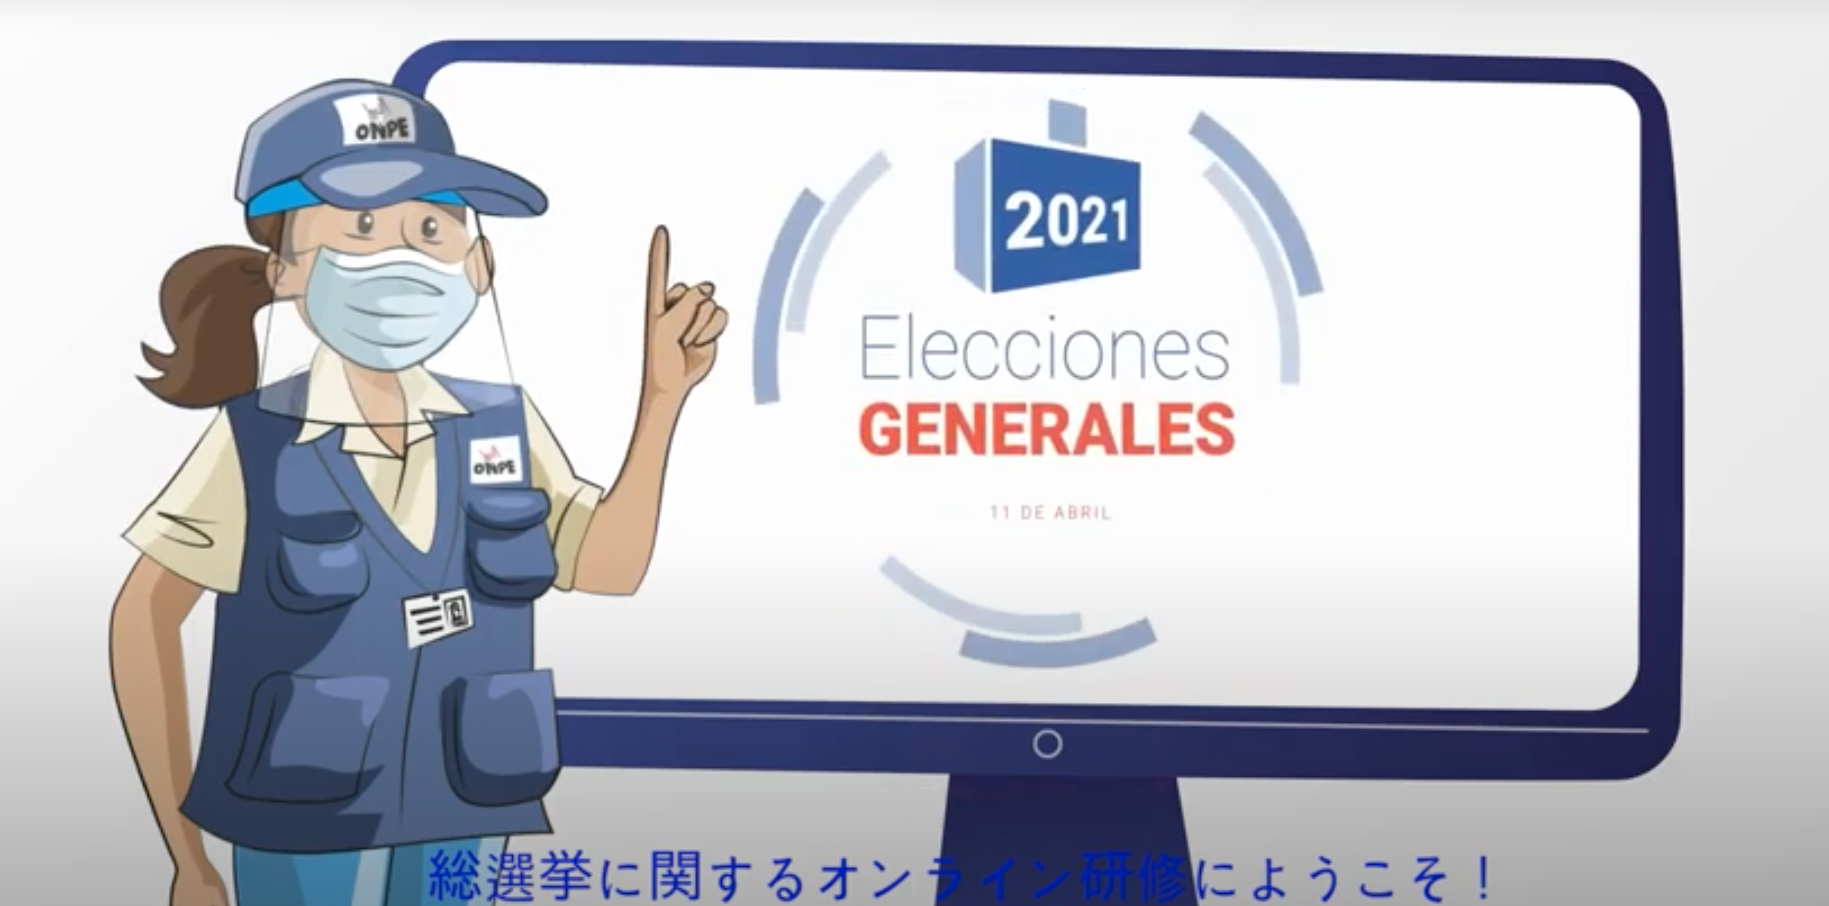 Foto: captura de pantalla del video: https://www.youtube.com/watch?v=jOrrIpt3QMk)